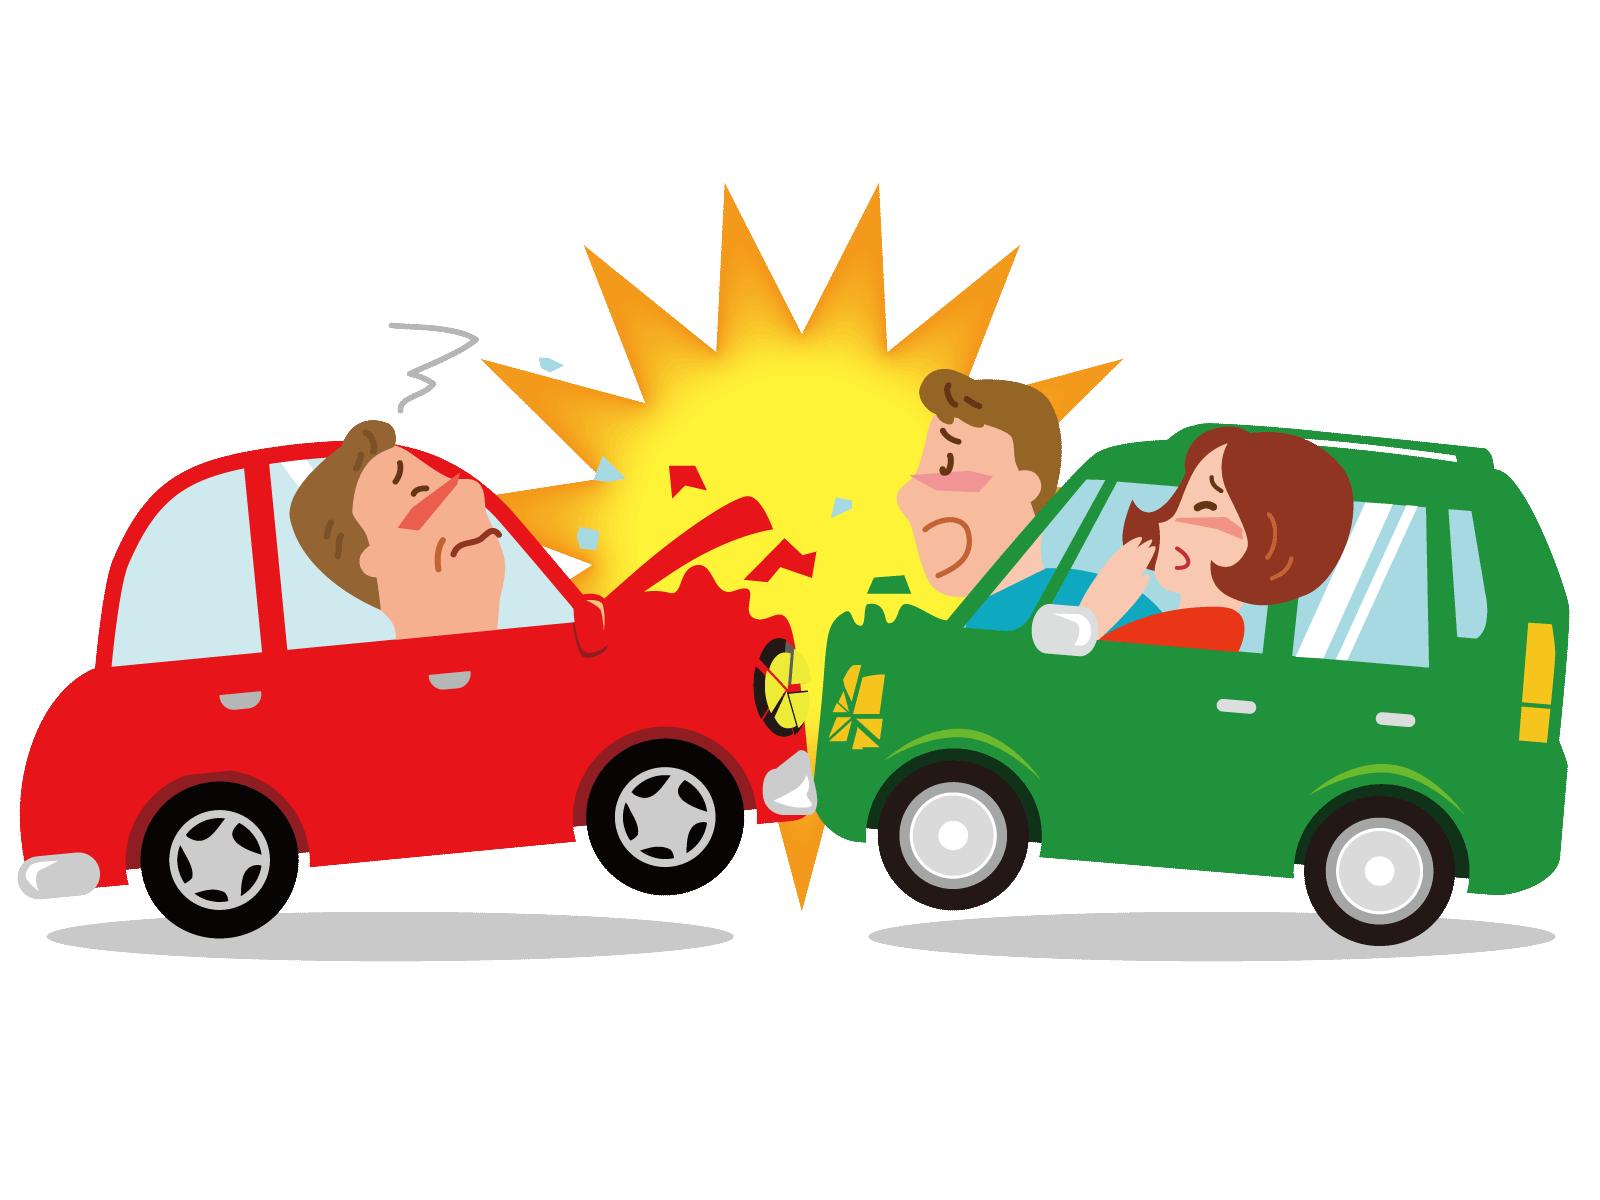 自動車同士の事故